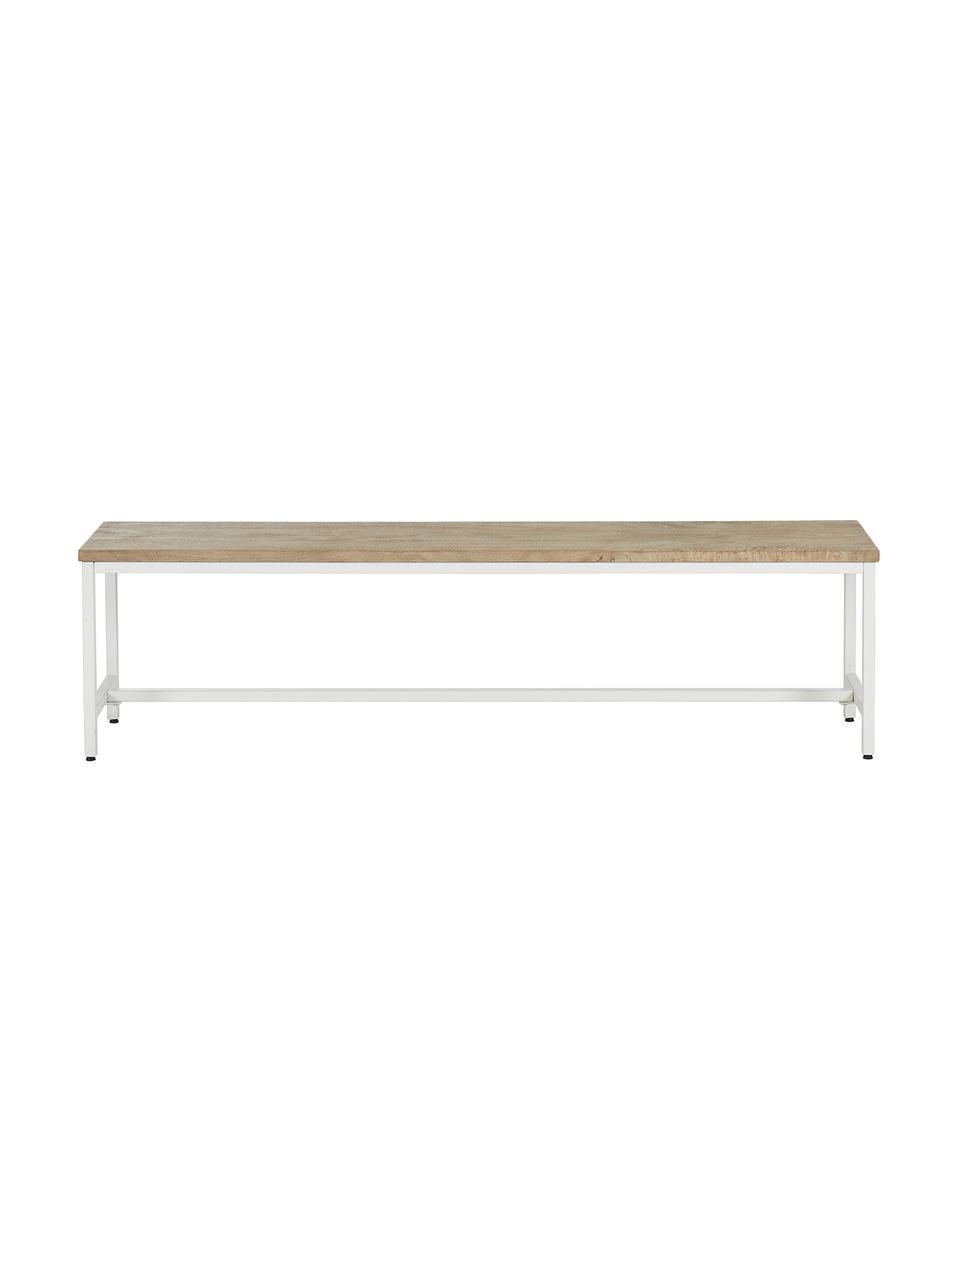 Ławka z litego drewna mangowego Raw, Stelaż: metal malowany proszkowo, Siedzisko: drewno mangowe ze żłobieniami Stelaż: biały, matowy, S 170 x D 47 cm